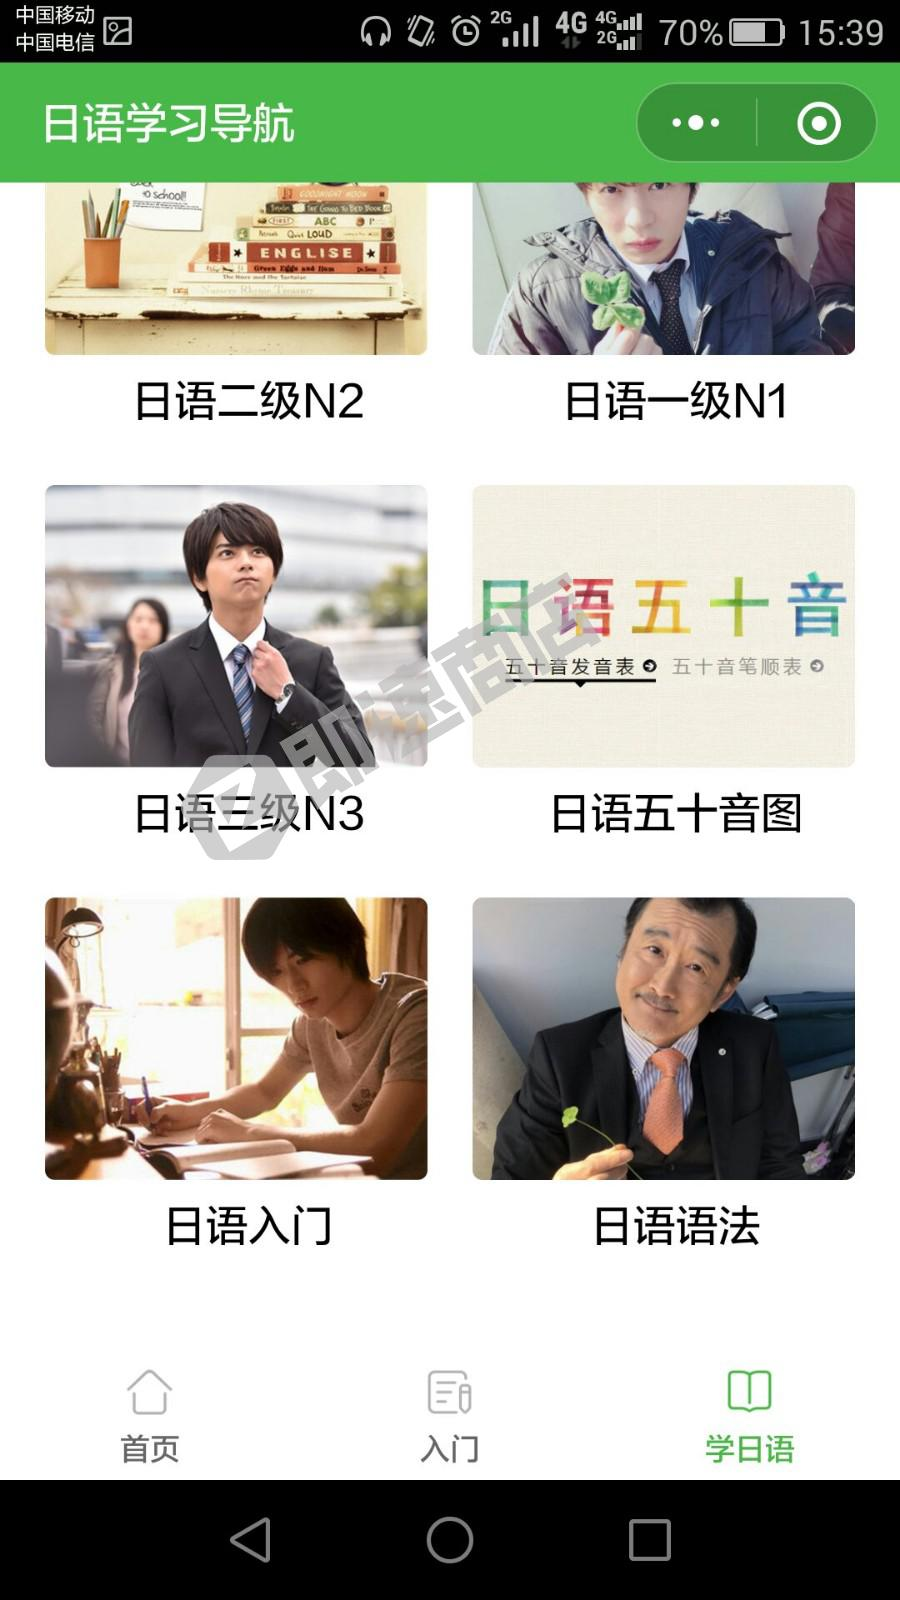 日语入门学习资料小程序详情页截图1